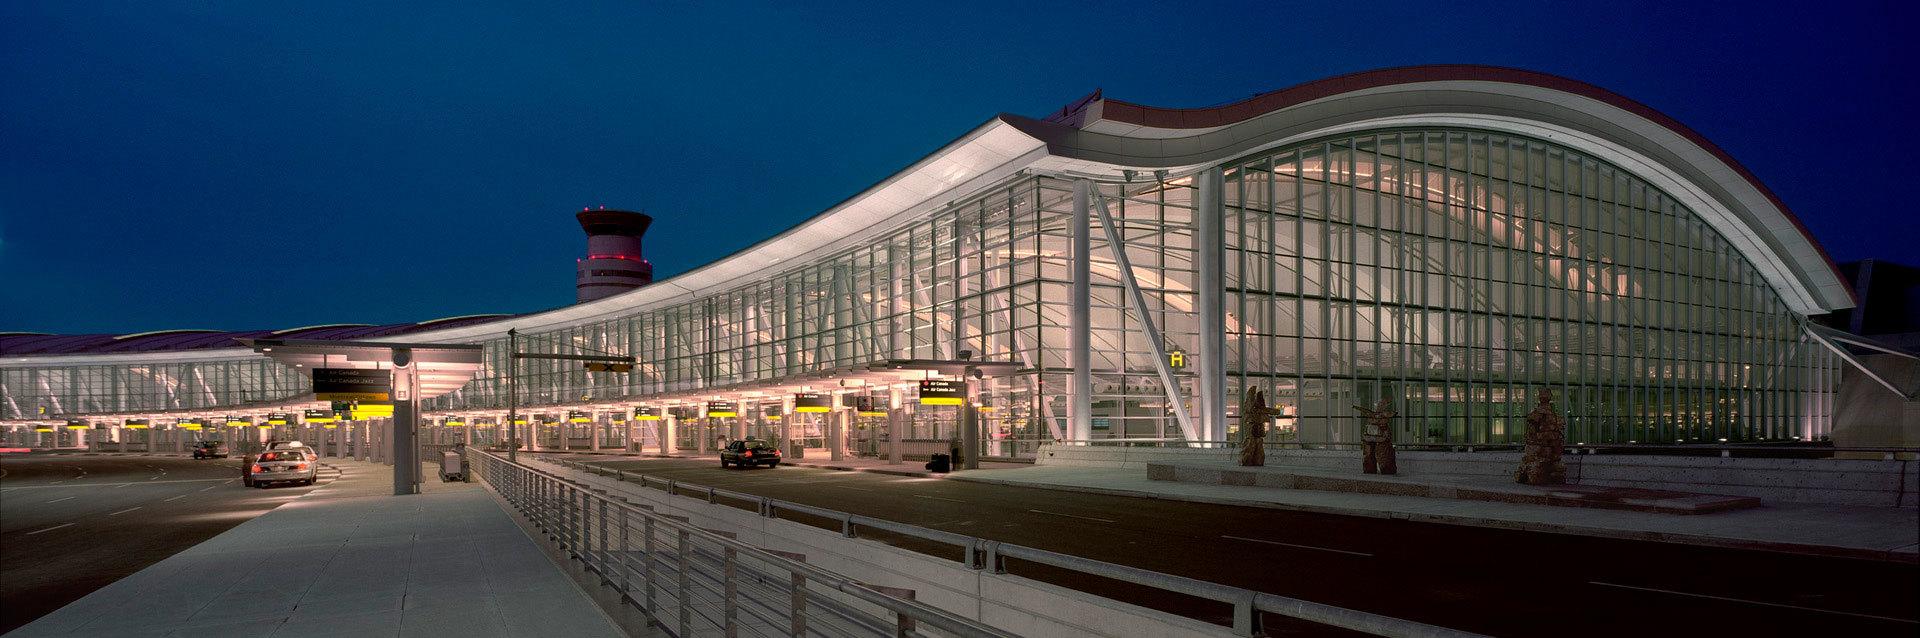 pearson_airport_limo-e1512494286210